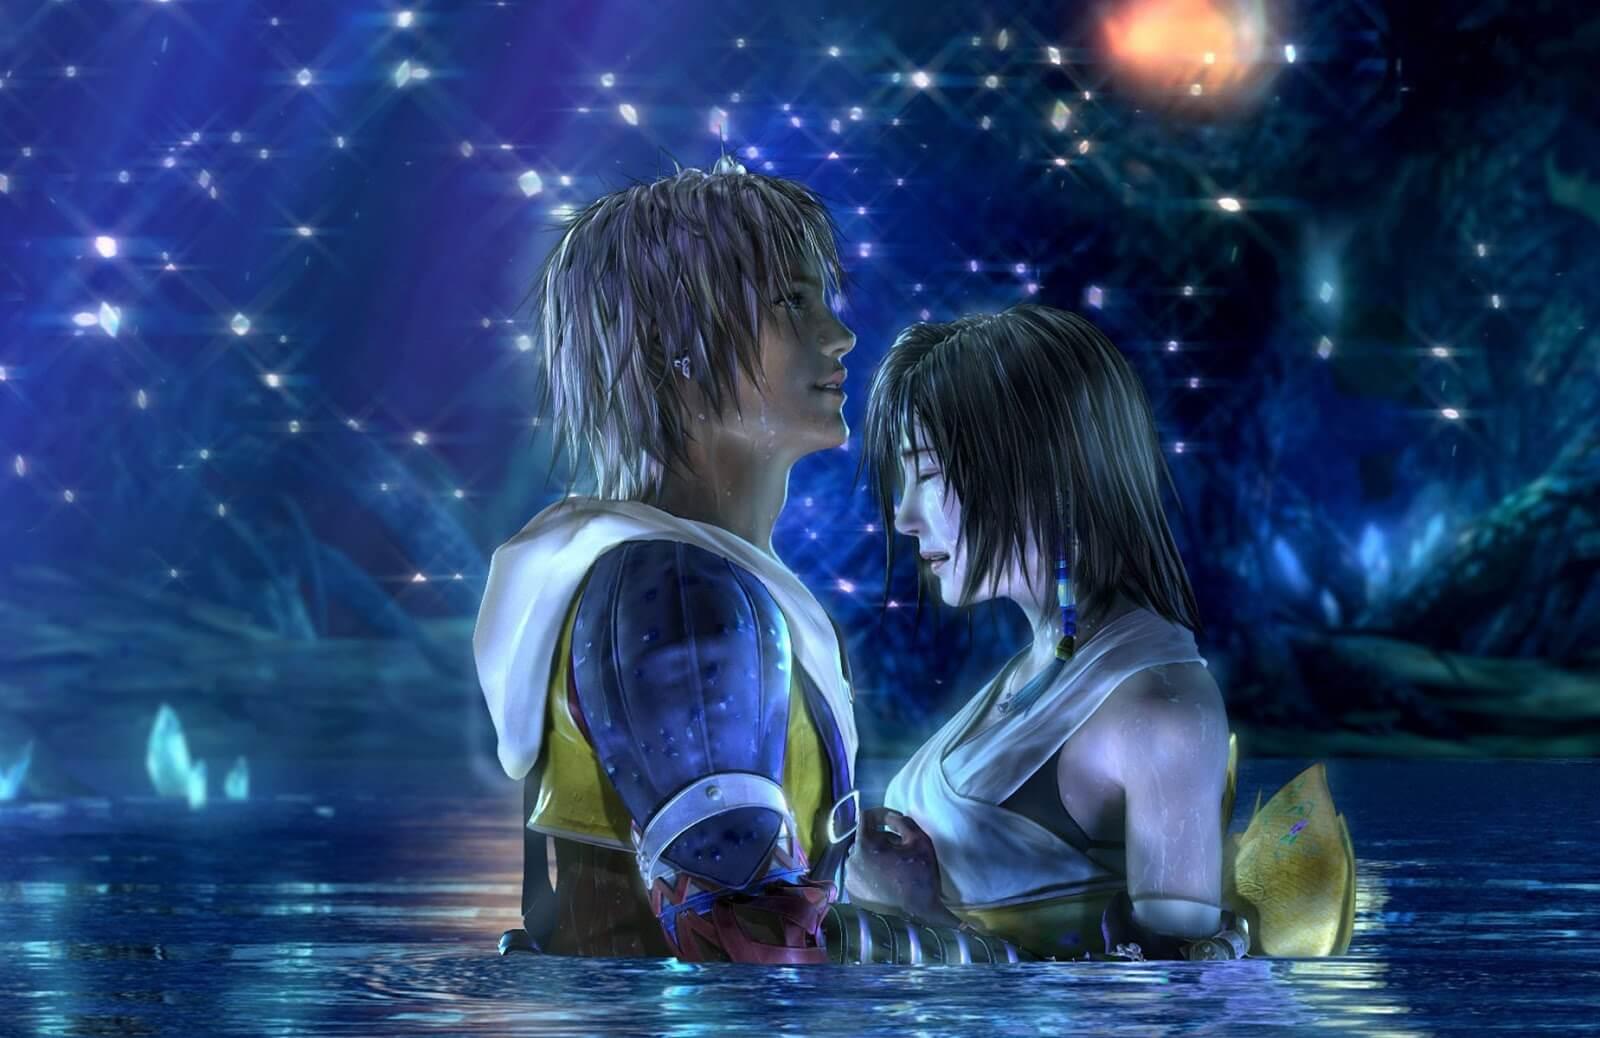 Se desvelan nuevos detalles del desarrollo de Final Fantasy X